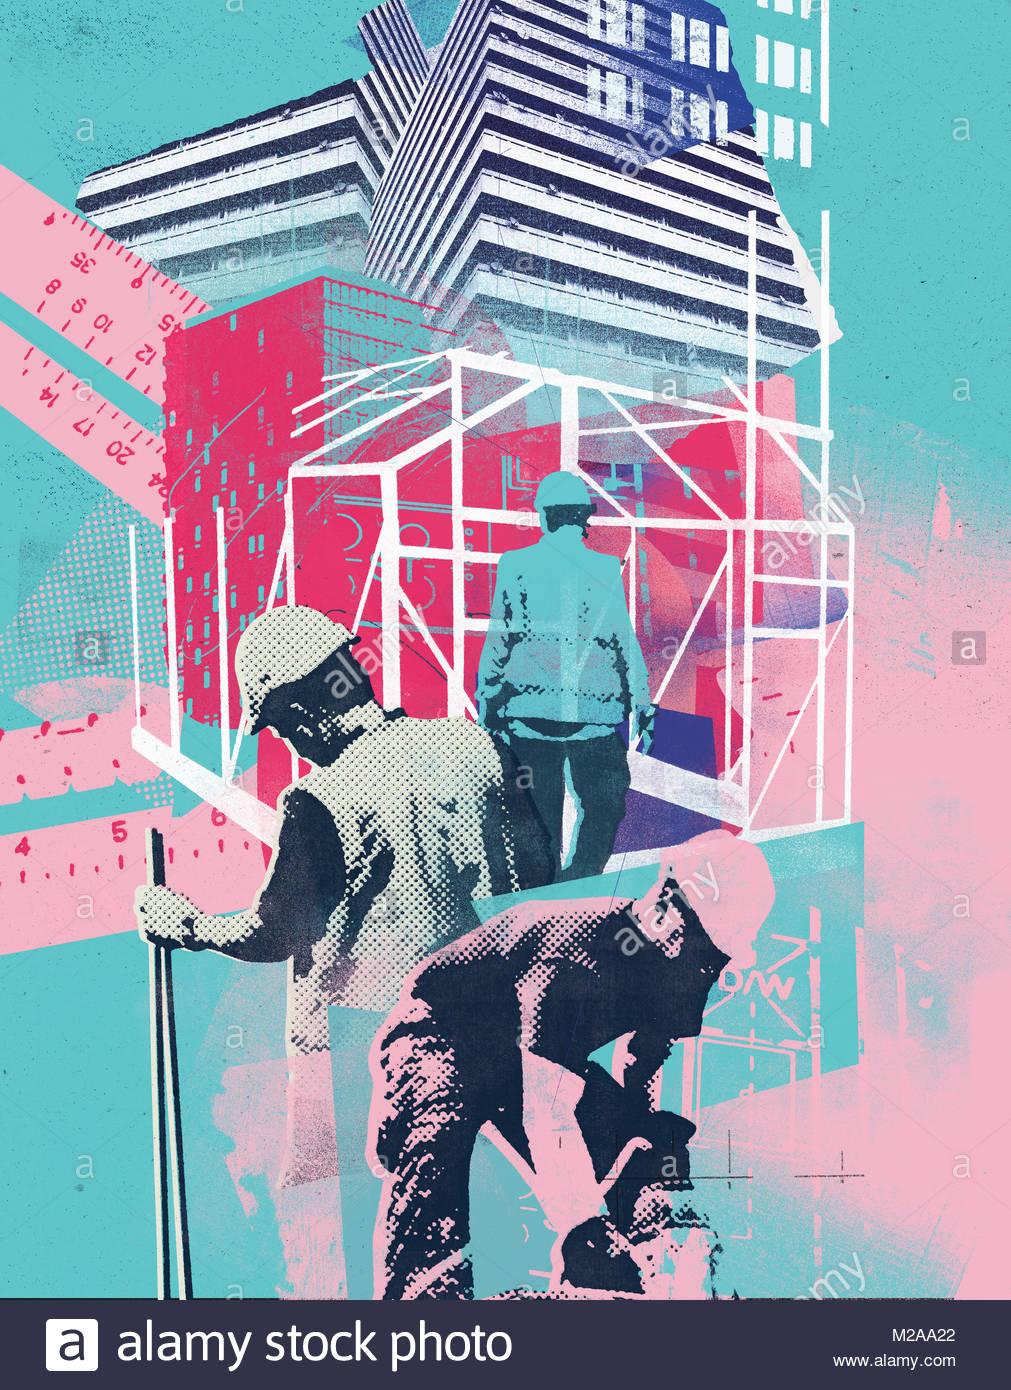 Collage de obreros trabajando en la construcción de sitio Imagen De Stock